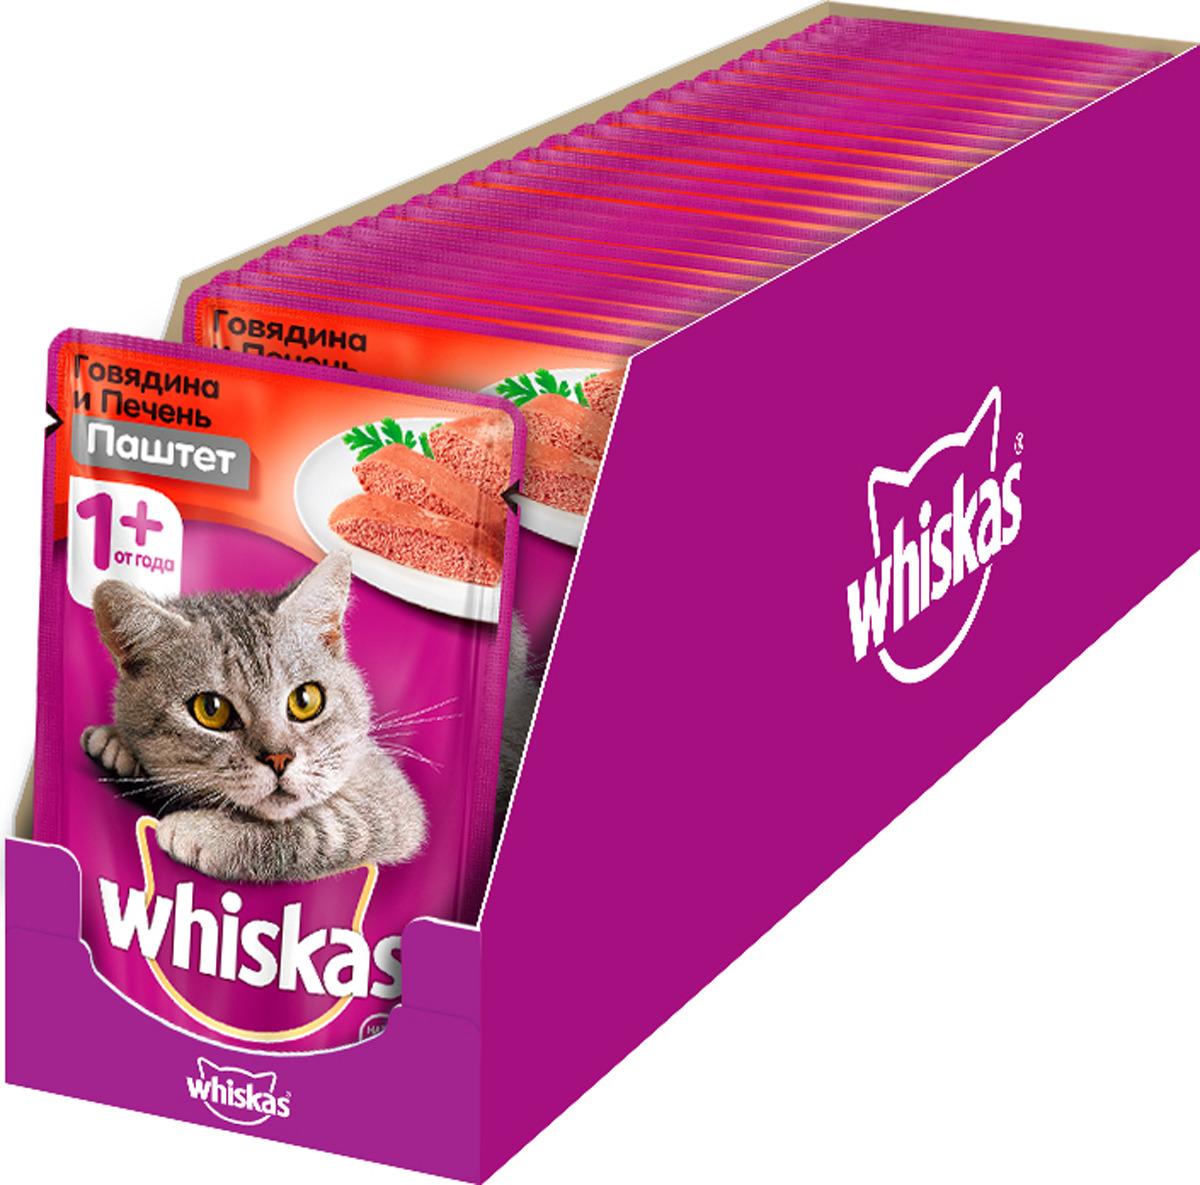 Консервы Whiskas для кошек от 1 года, мясной паштет из говядины с печенью, 85 г х 24 шт консервы whiskas для кошек от 1 года мясной паштет из говядины с печенью 85 г х 24 шт